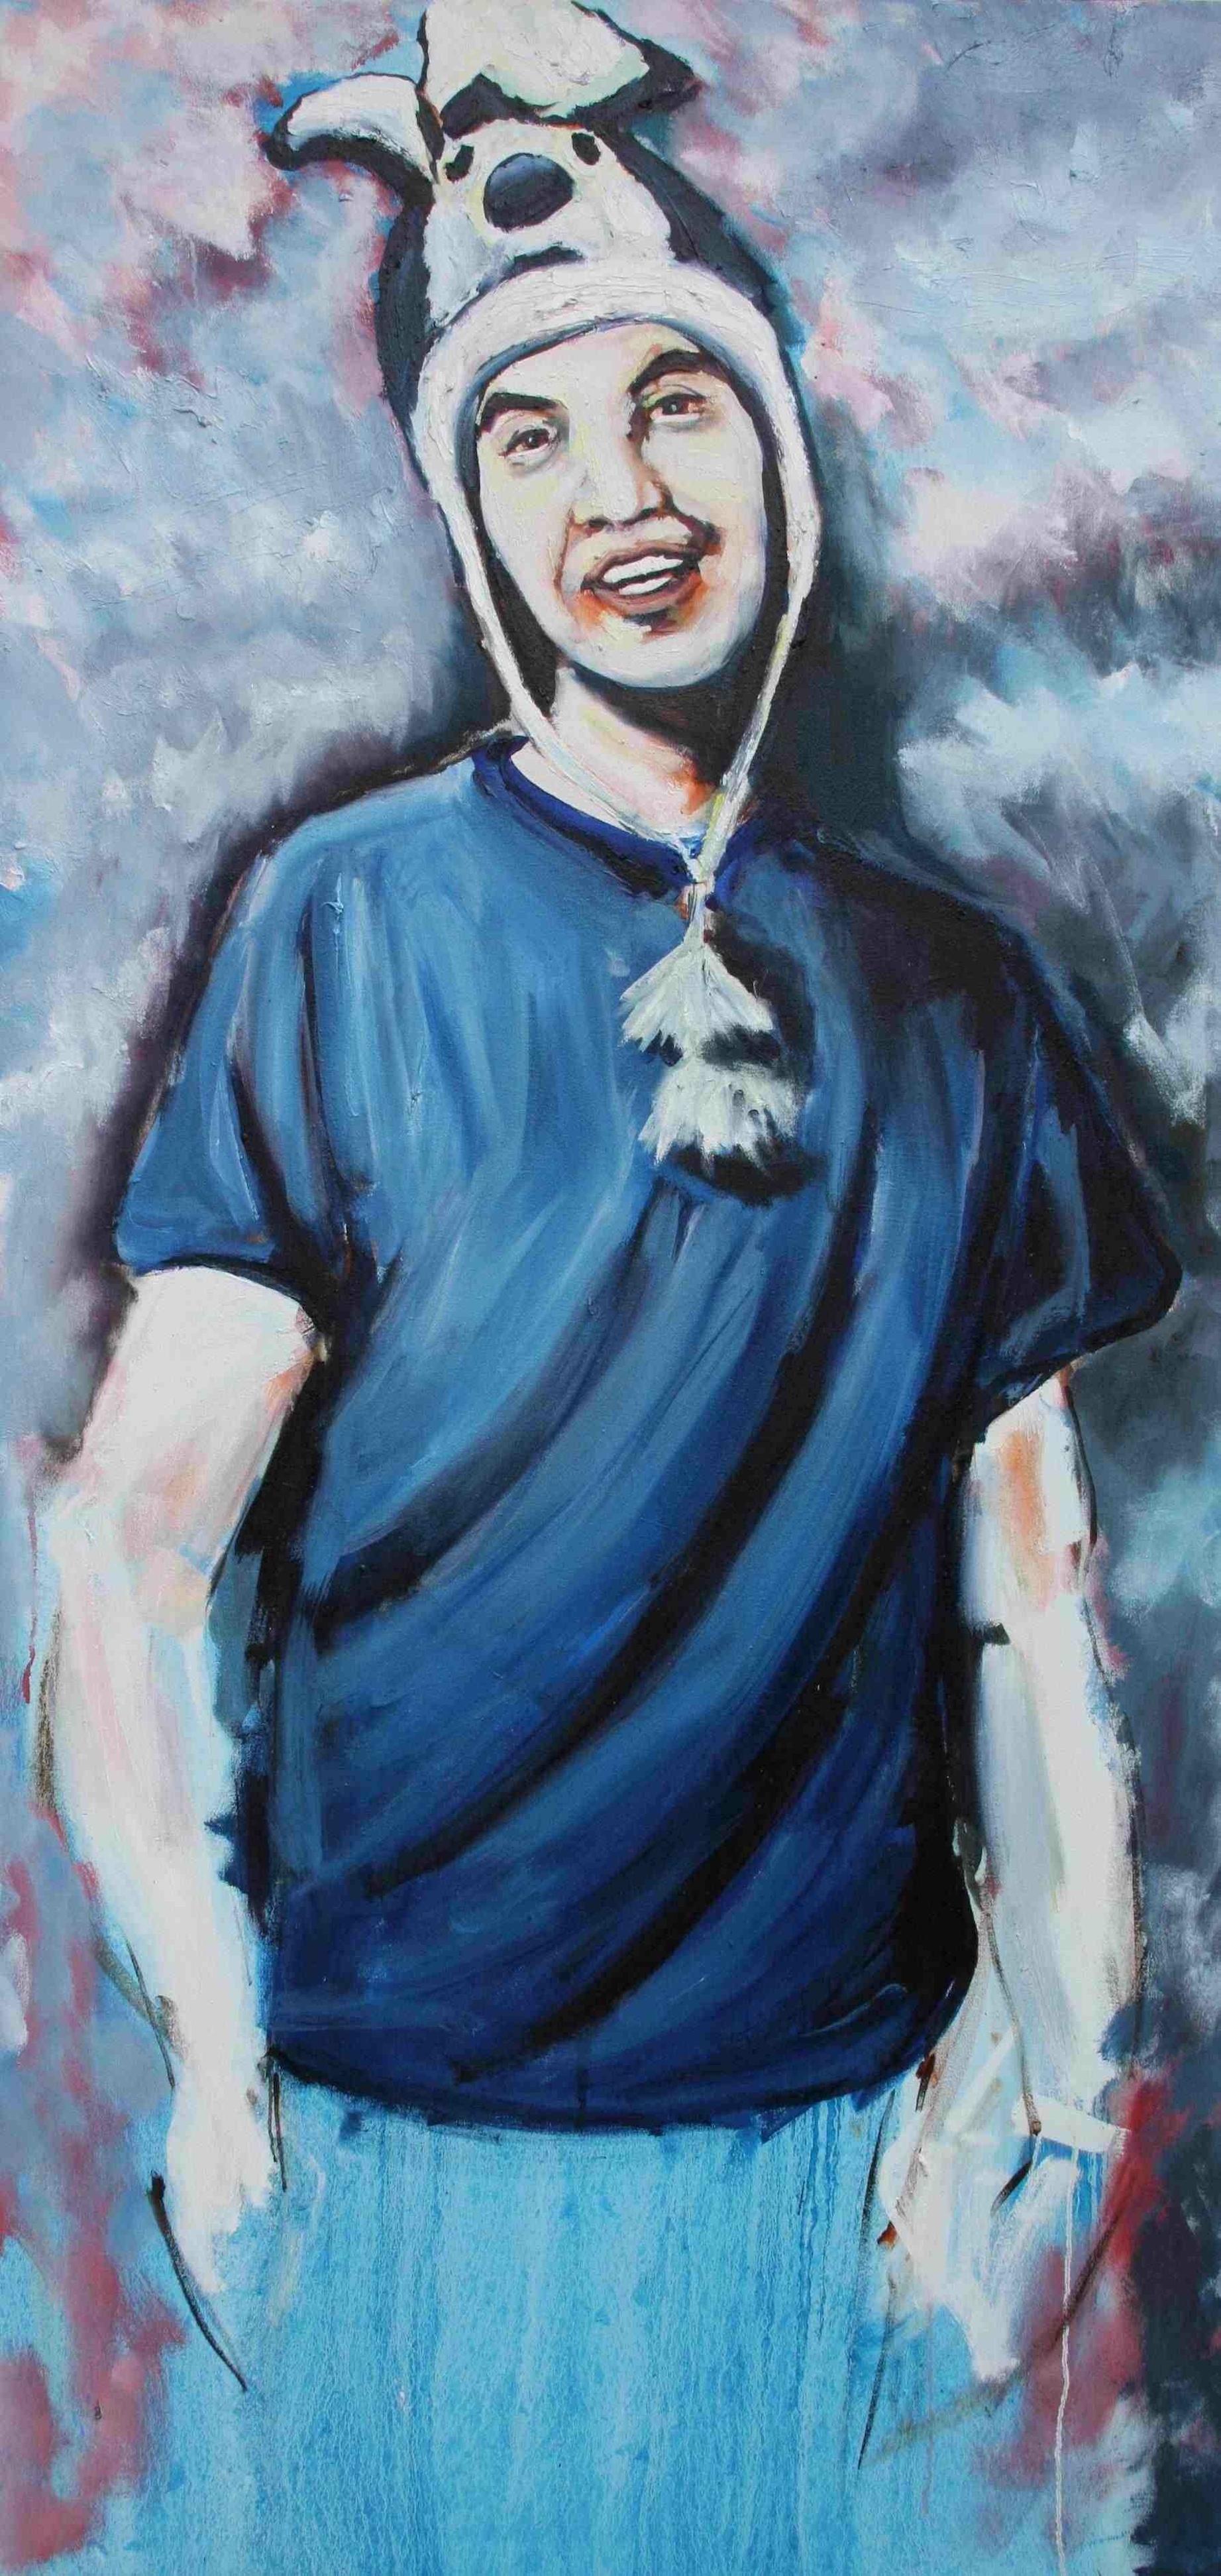 Mark_2015 oil on canvas 3 x 6ft.jpg